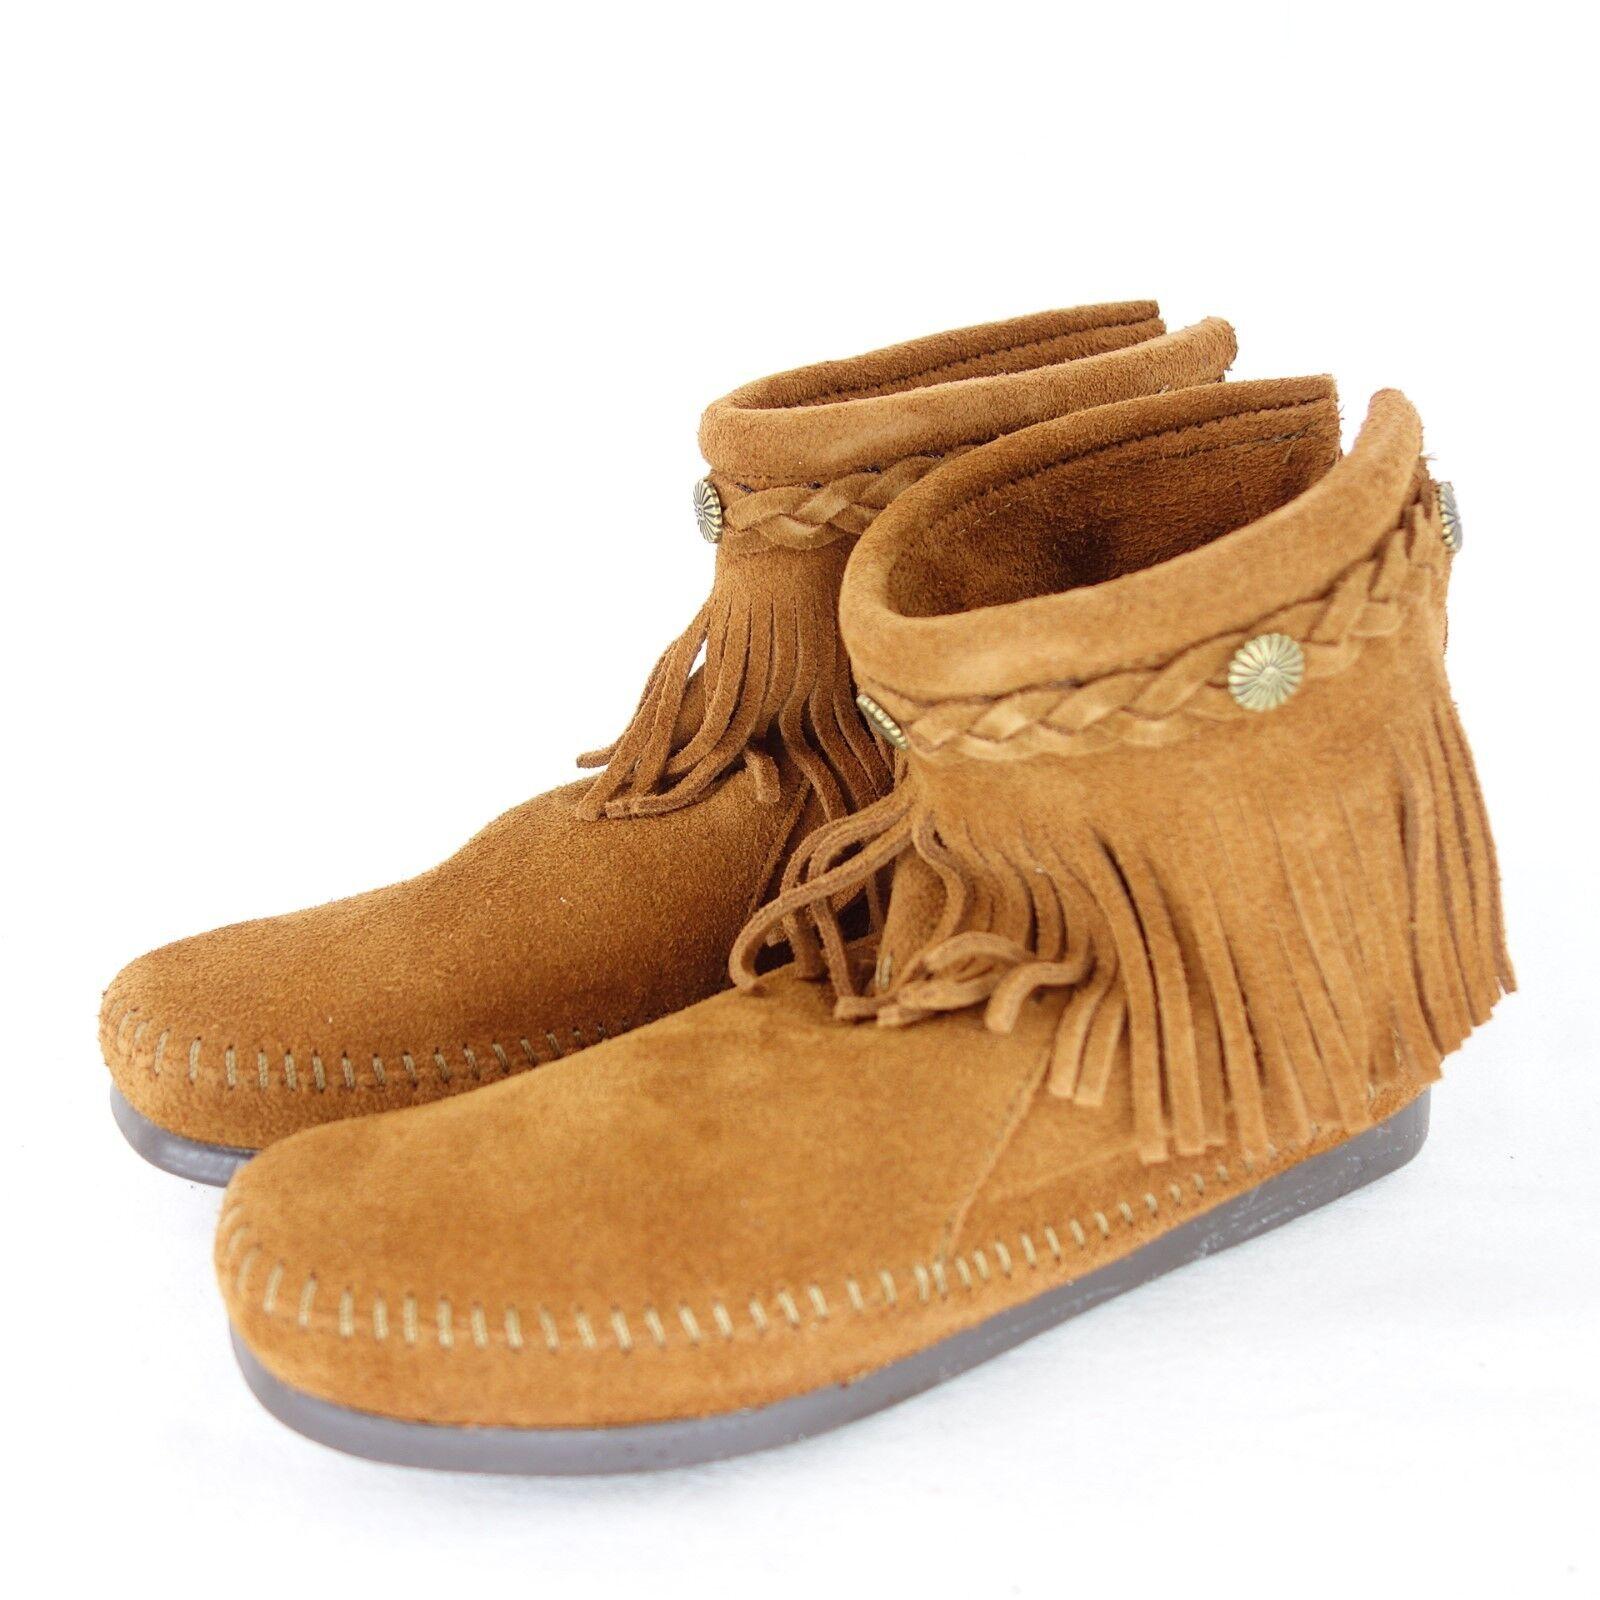 MINNETONKA Damen High Top Back Zip Schuhe 36 Stiefeletten Wildleder NP 109 NEU